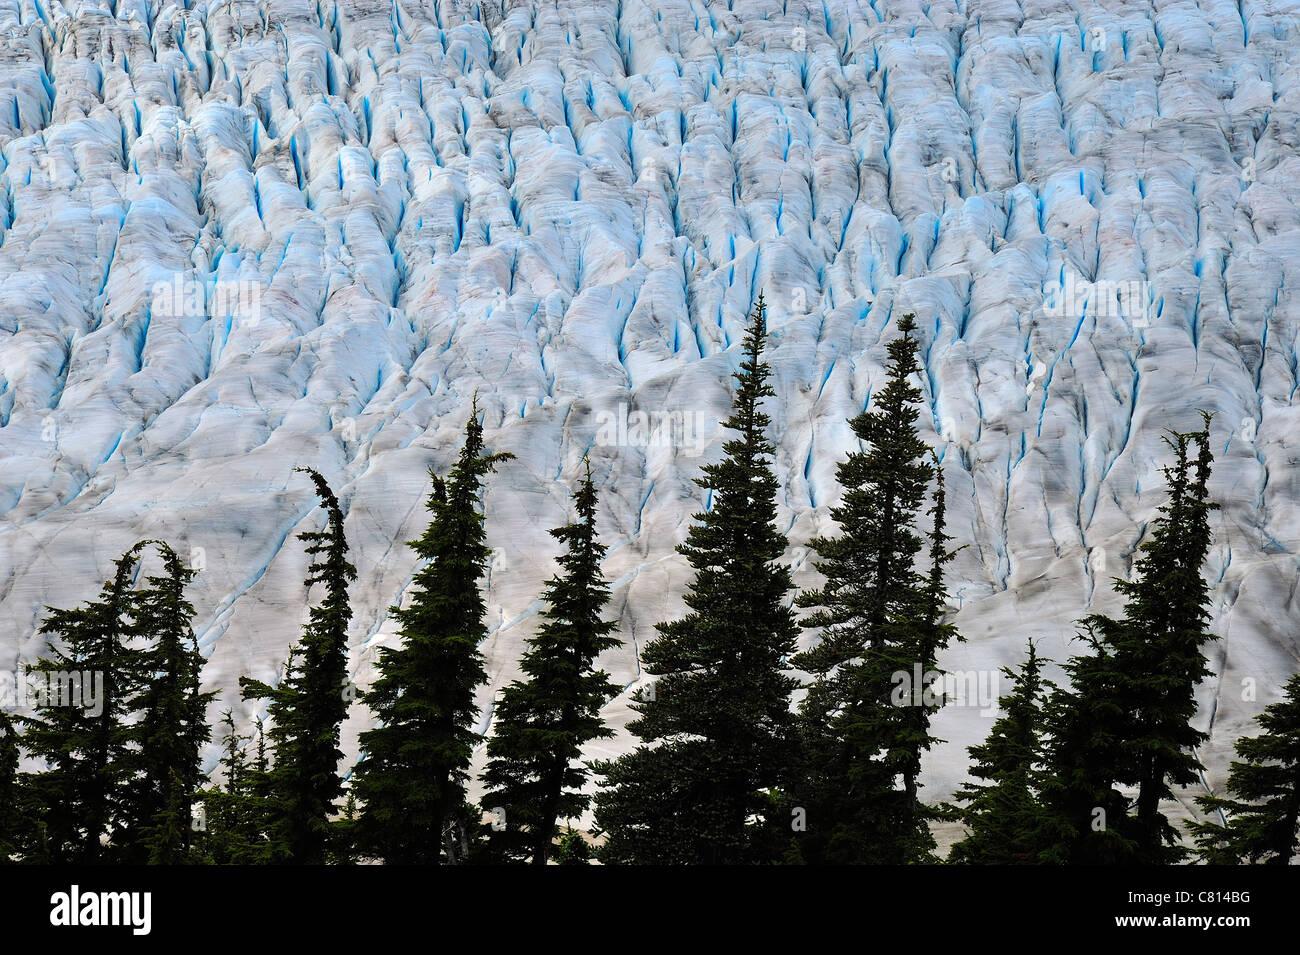 Eine Nahaufnahme Bild des blauen Eises der Salmon Gletscher in der Nähe von Stewart in British Columbia Kanada Stockbild